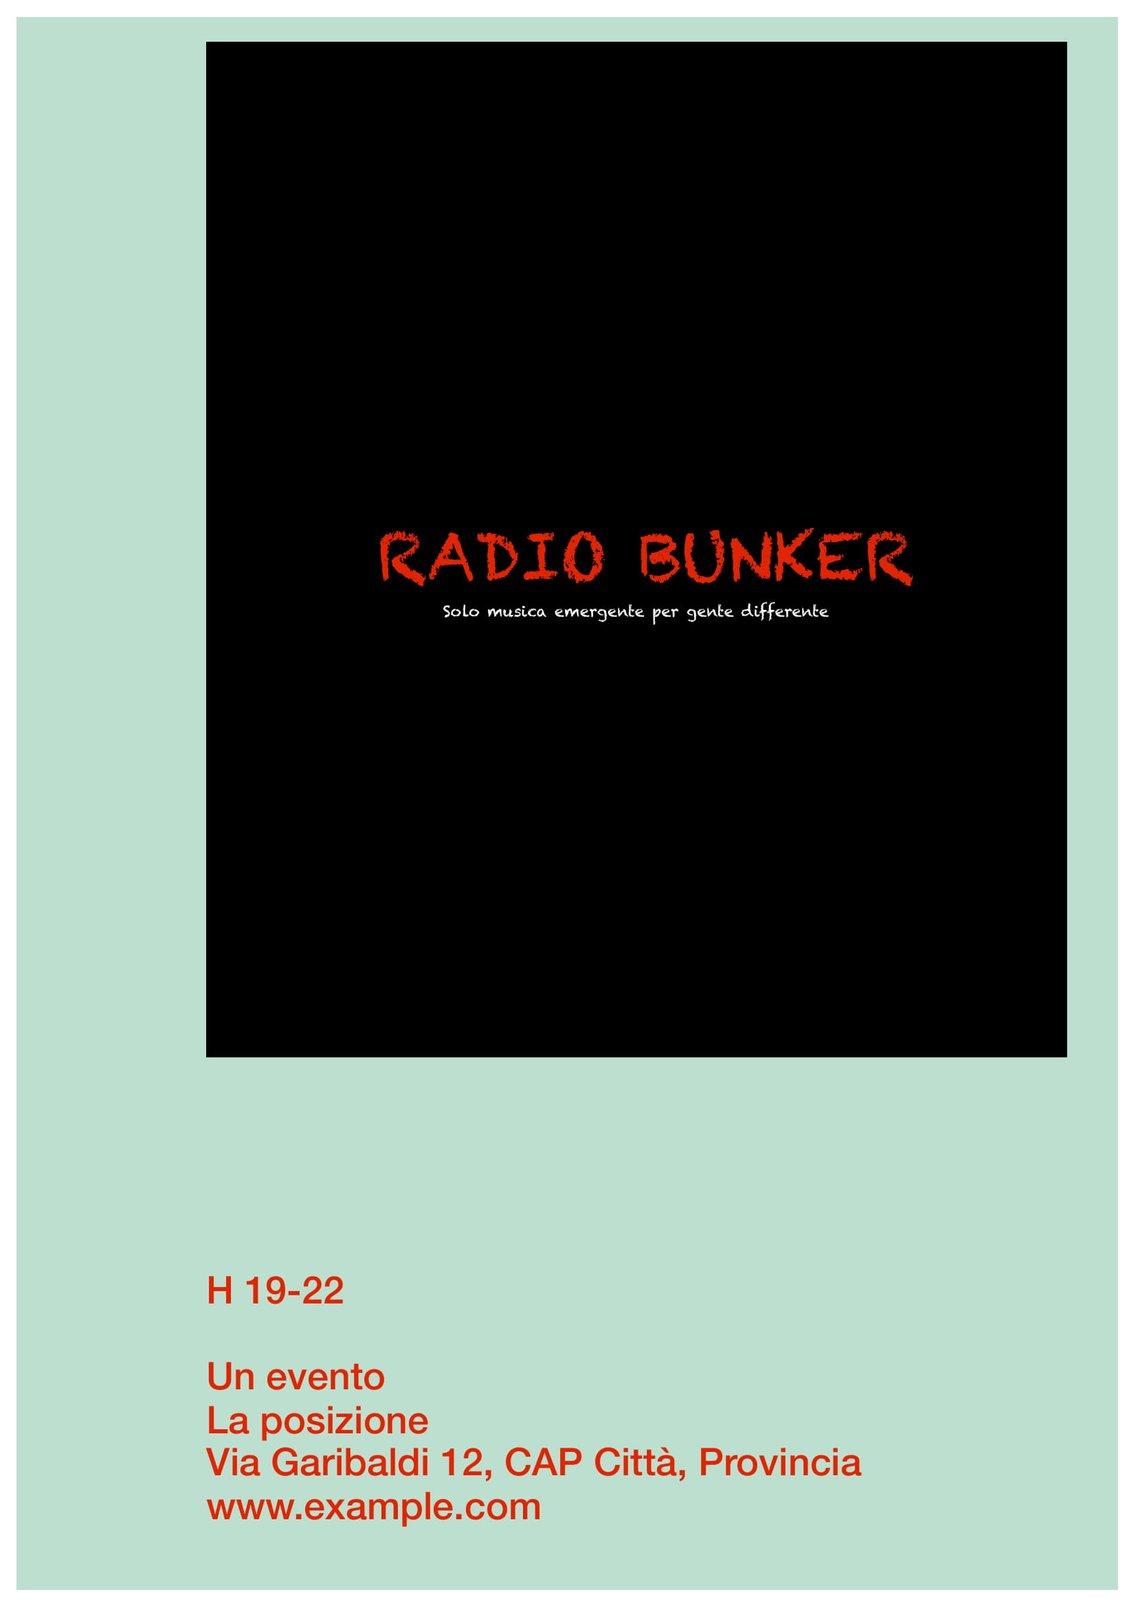 radio bunker - imagen de portada